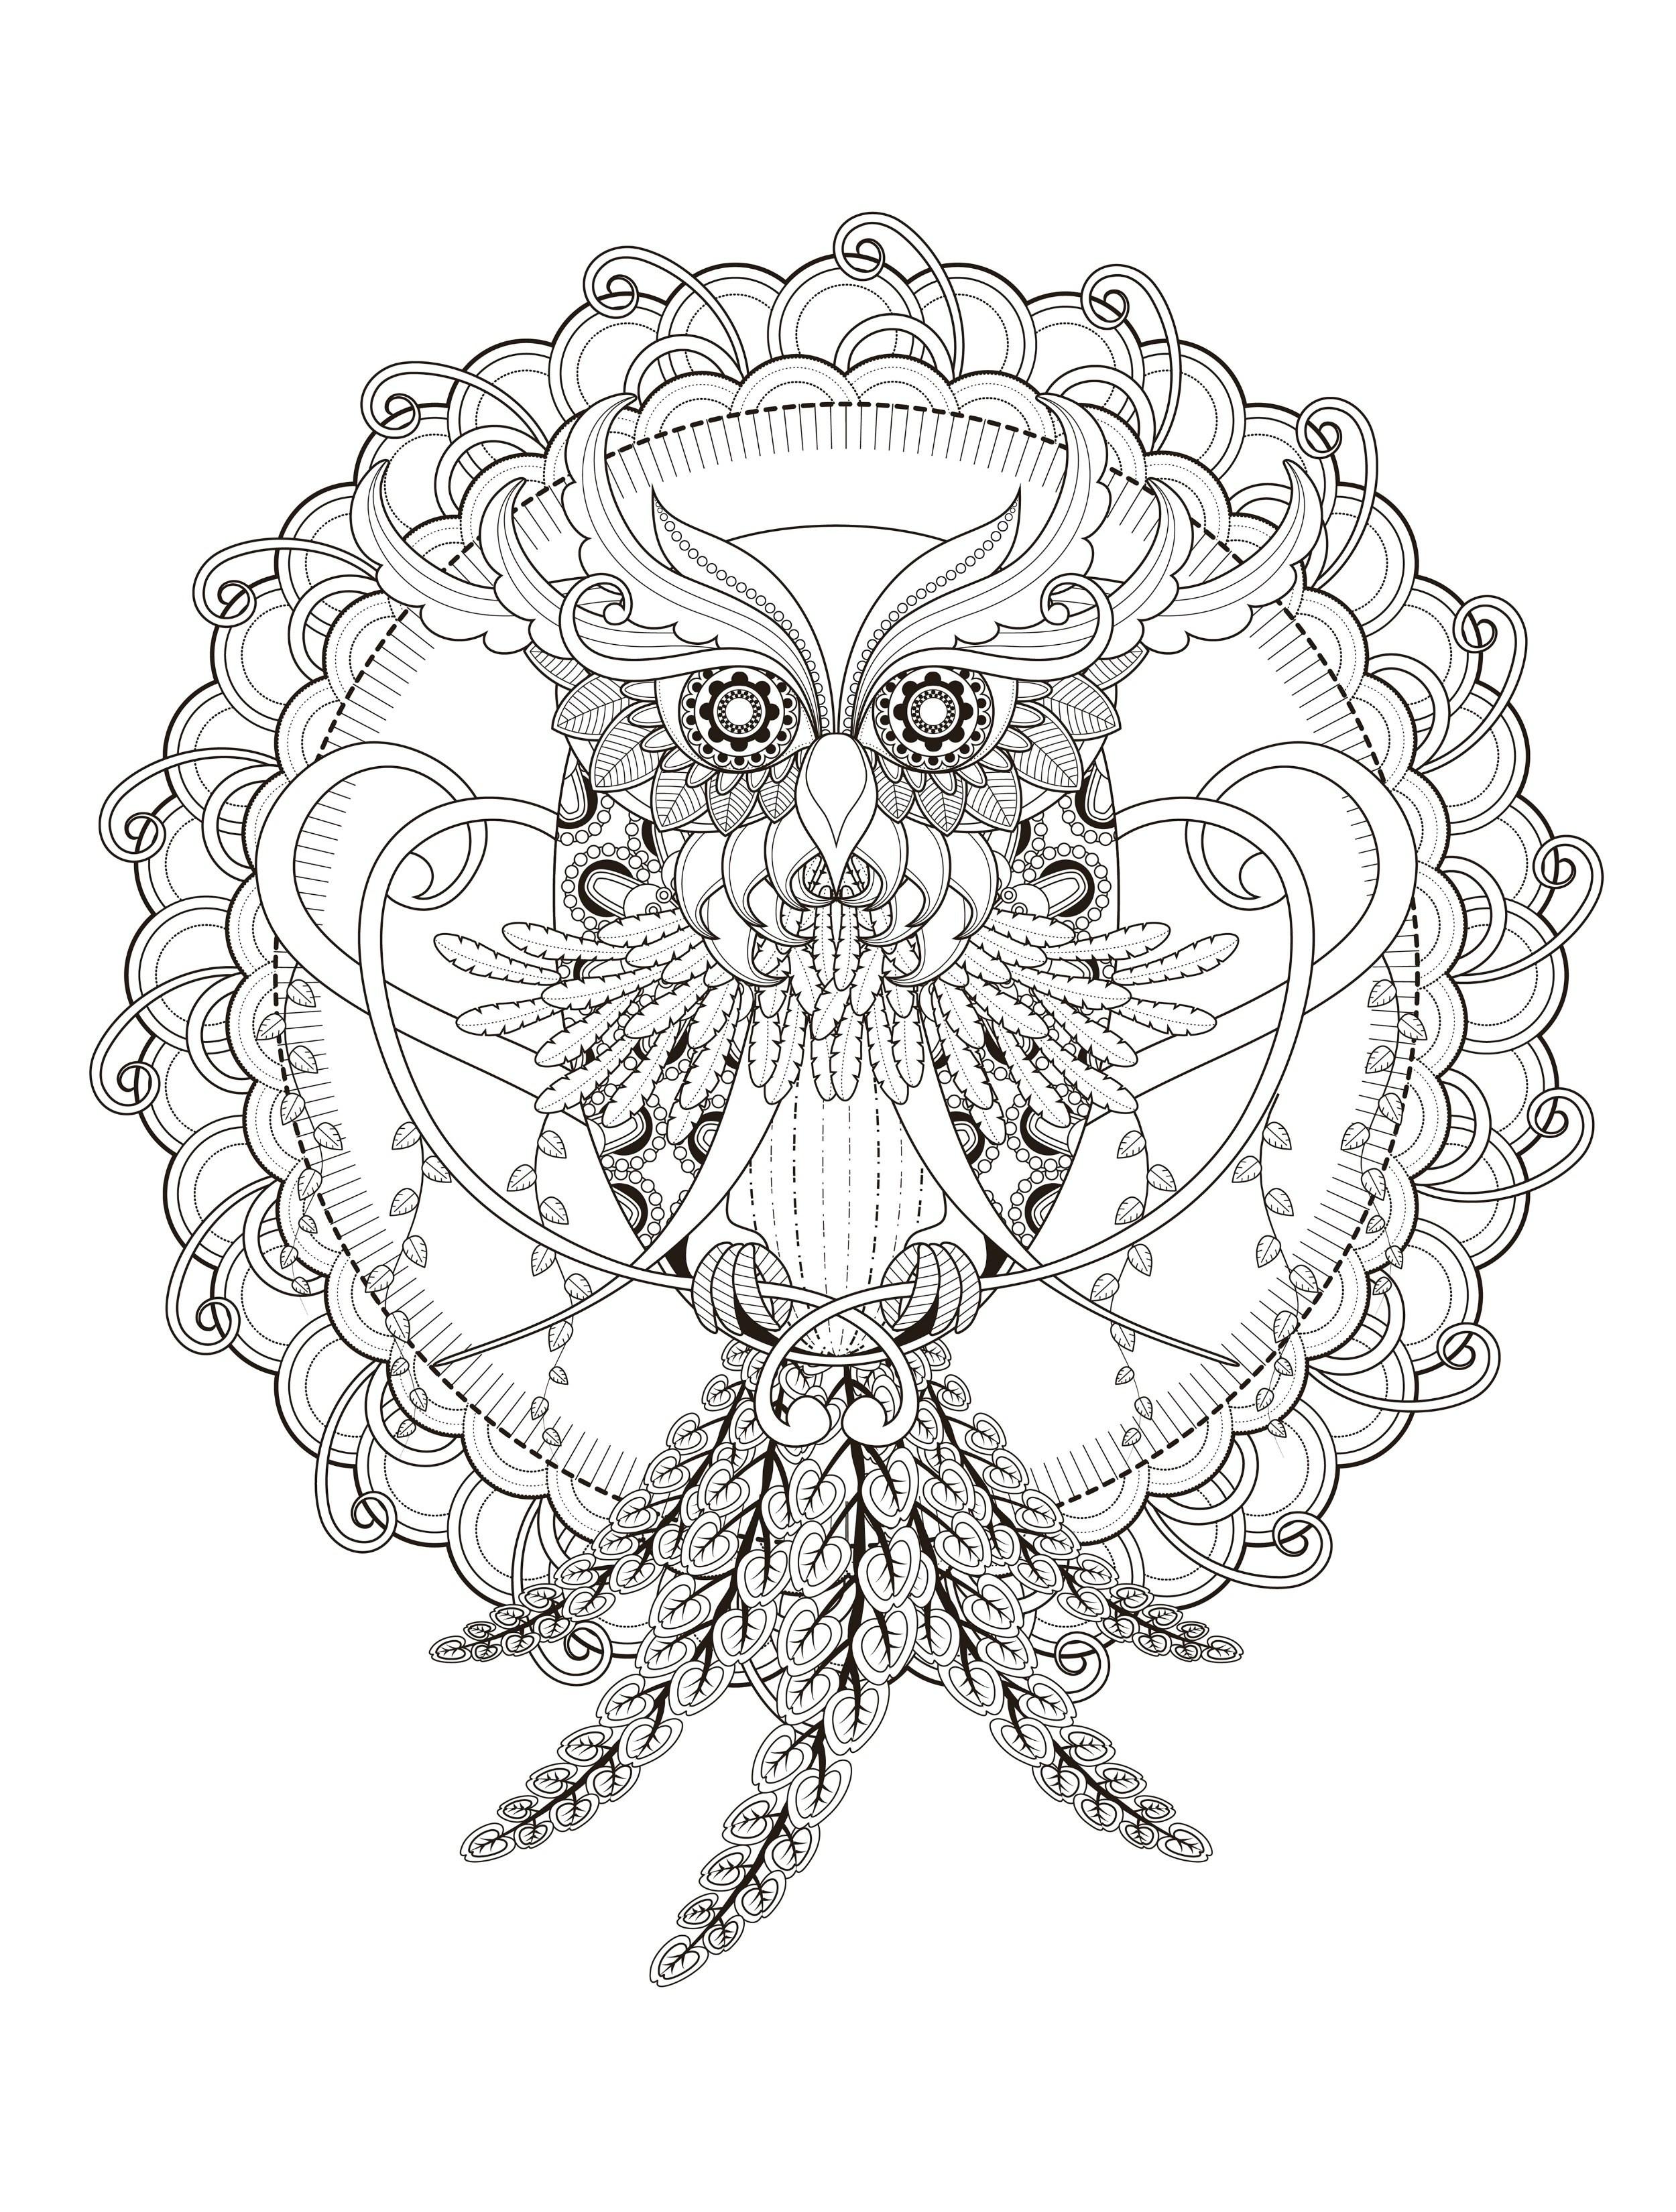 Ausmalbild Mandala Eule Das Beste Von Malvorlagen Für Erwachsene Stock